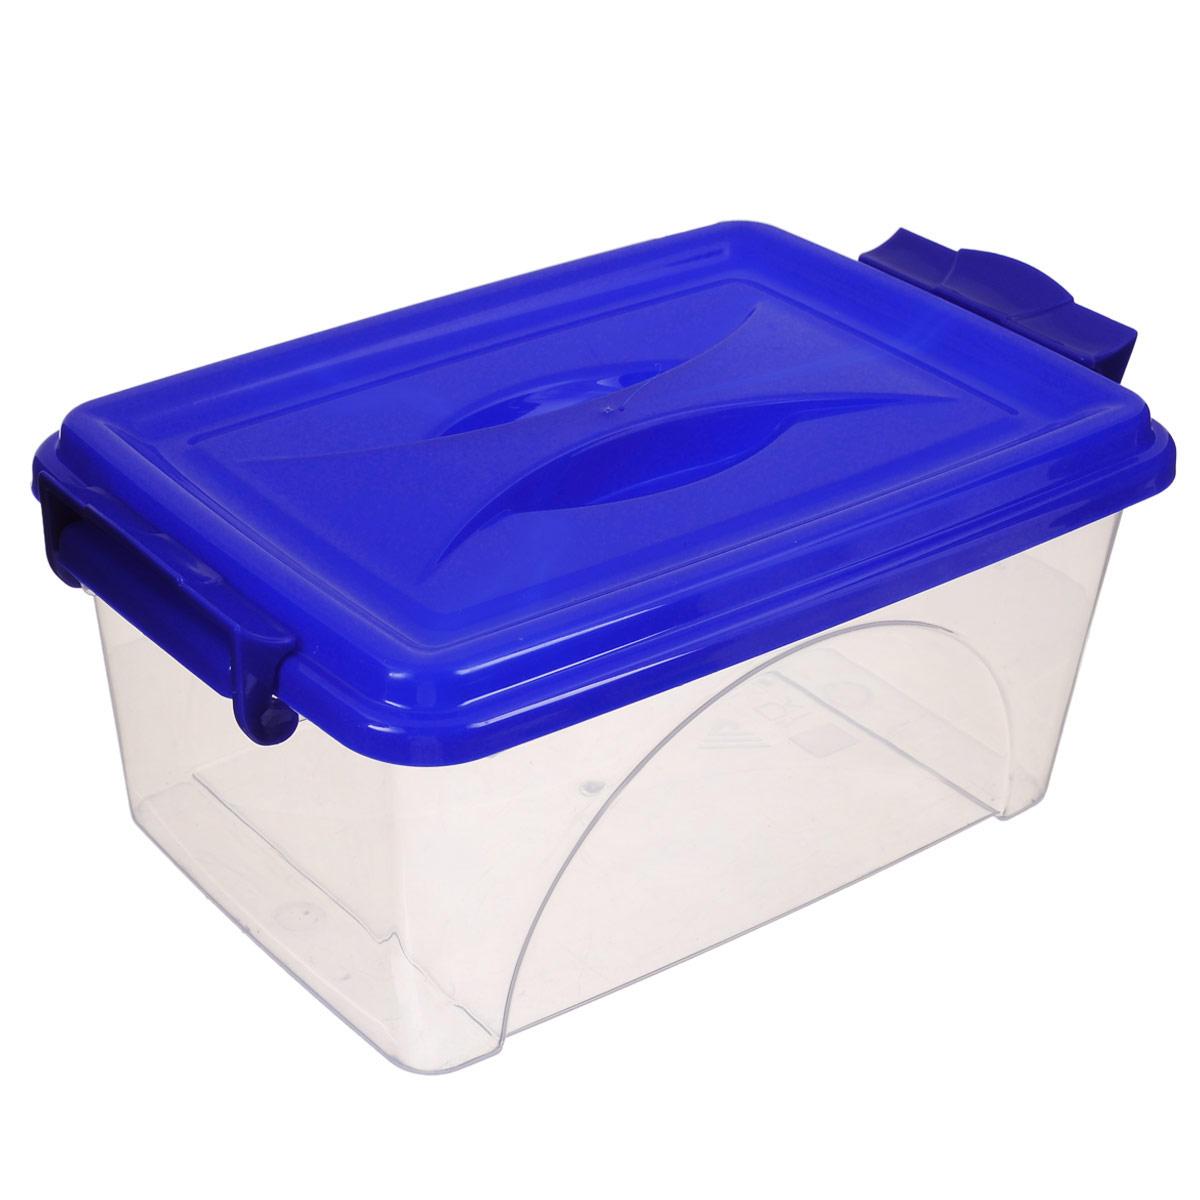 Контейнер Альтернатива, цвет: синий, 30,5 х 20 х 13,5 смС50901Контейнер Альтернатива выполнен из прочного пластика. Он предназначен для хранения различных мелких вещей. Крышка легко открывается и плотно закрывается. Прозрачные стенки позволяют видеть содержимое. По бокам предусмотрены две удобные ручки, с помощью которых контейнер закрывается.Контейнер поможет хранить все в одном месте, а также защитить вещи от пыли, грязи и влаги.